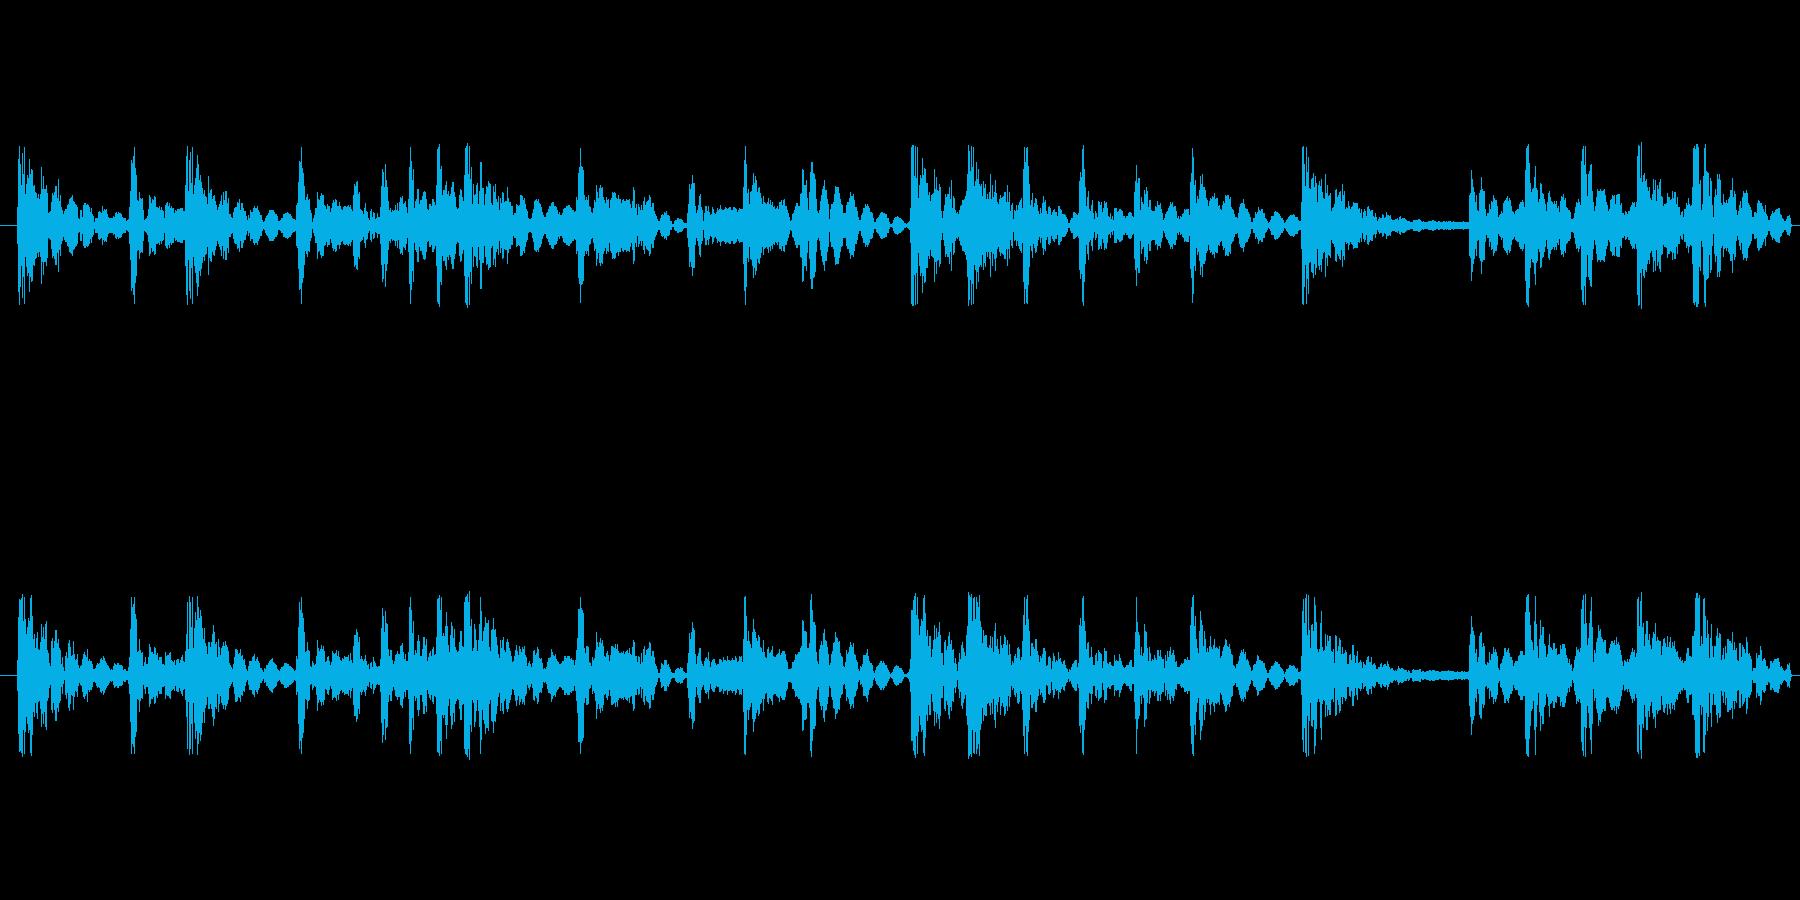 和太鼓リズムのみ音源のリバーブなし音源…の再生済みの波形